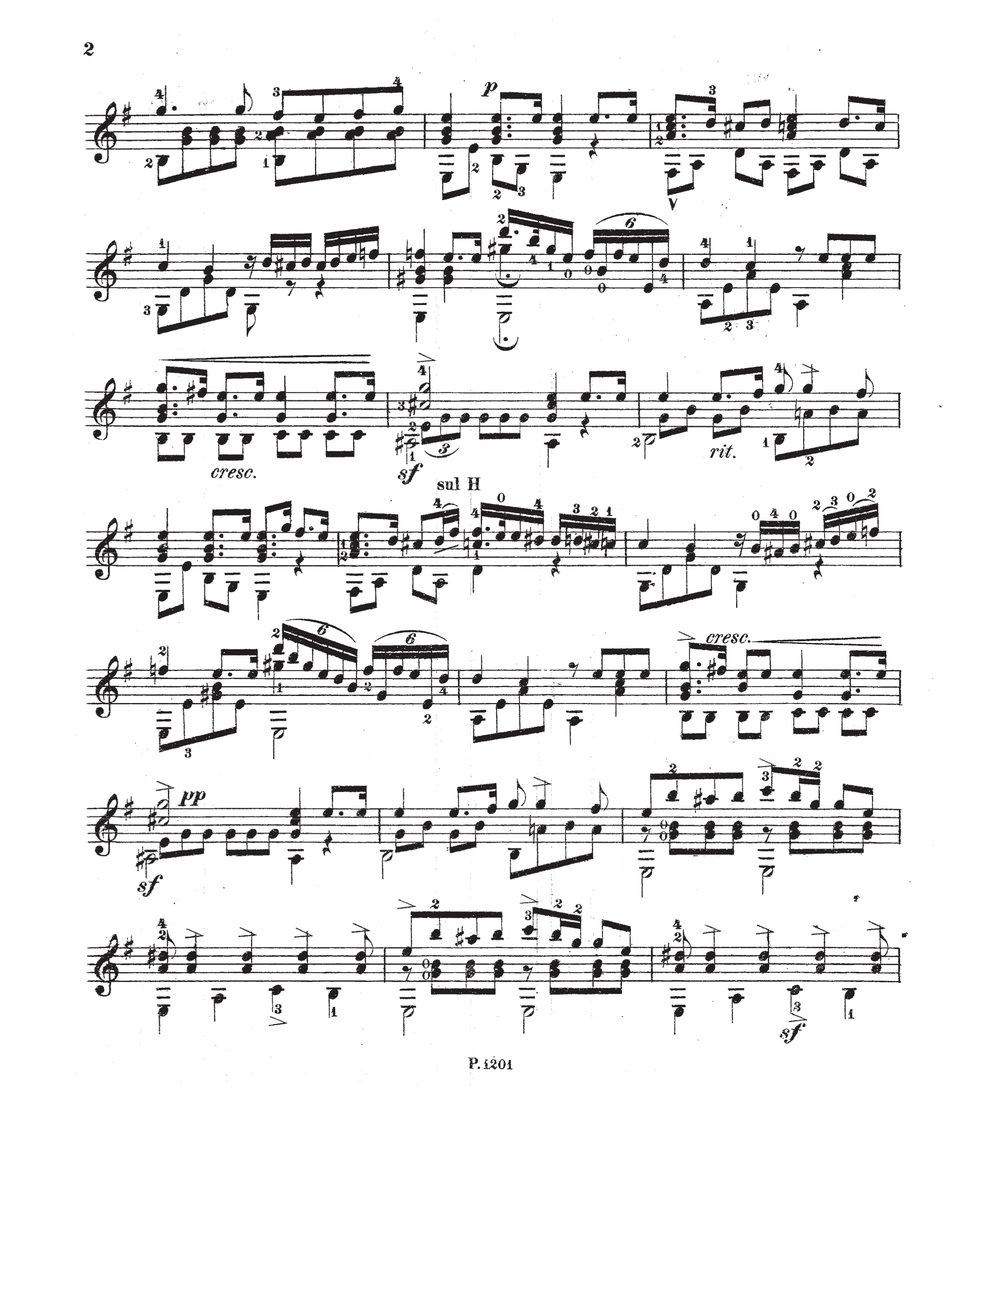 Mertz - Ricoletto Op. 63 2.jpg